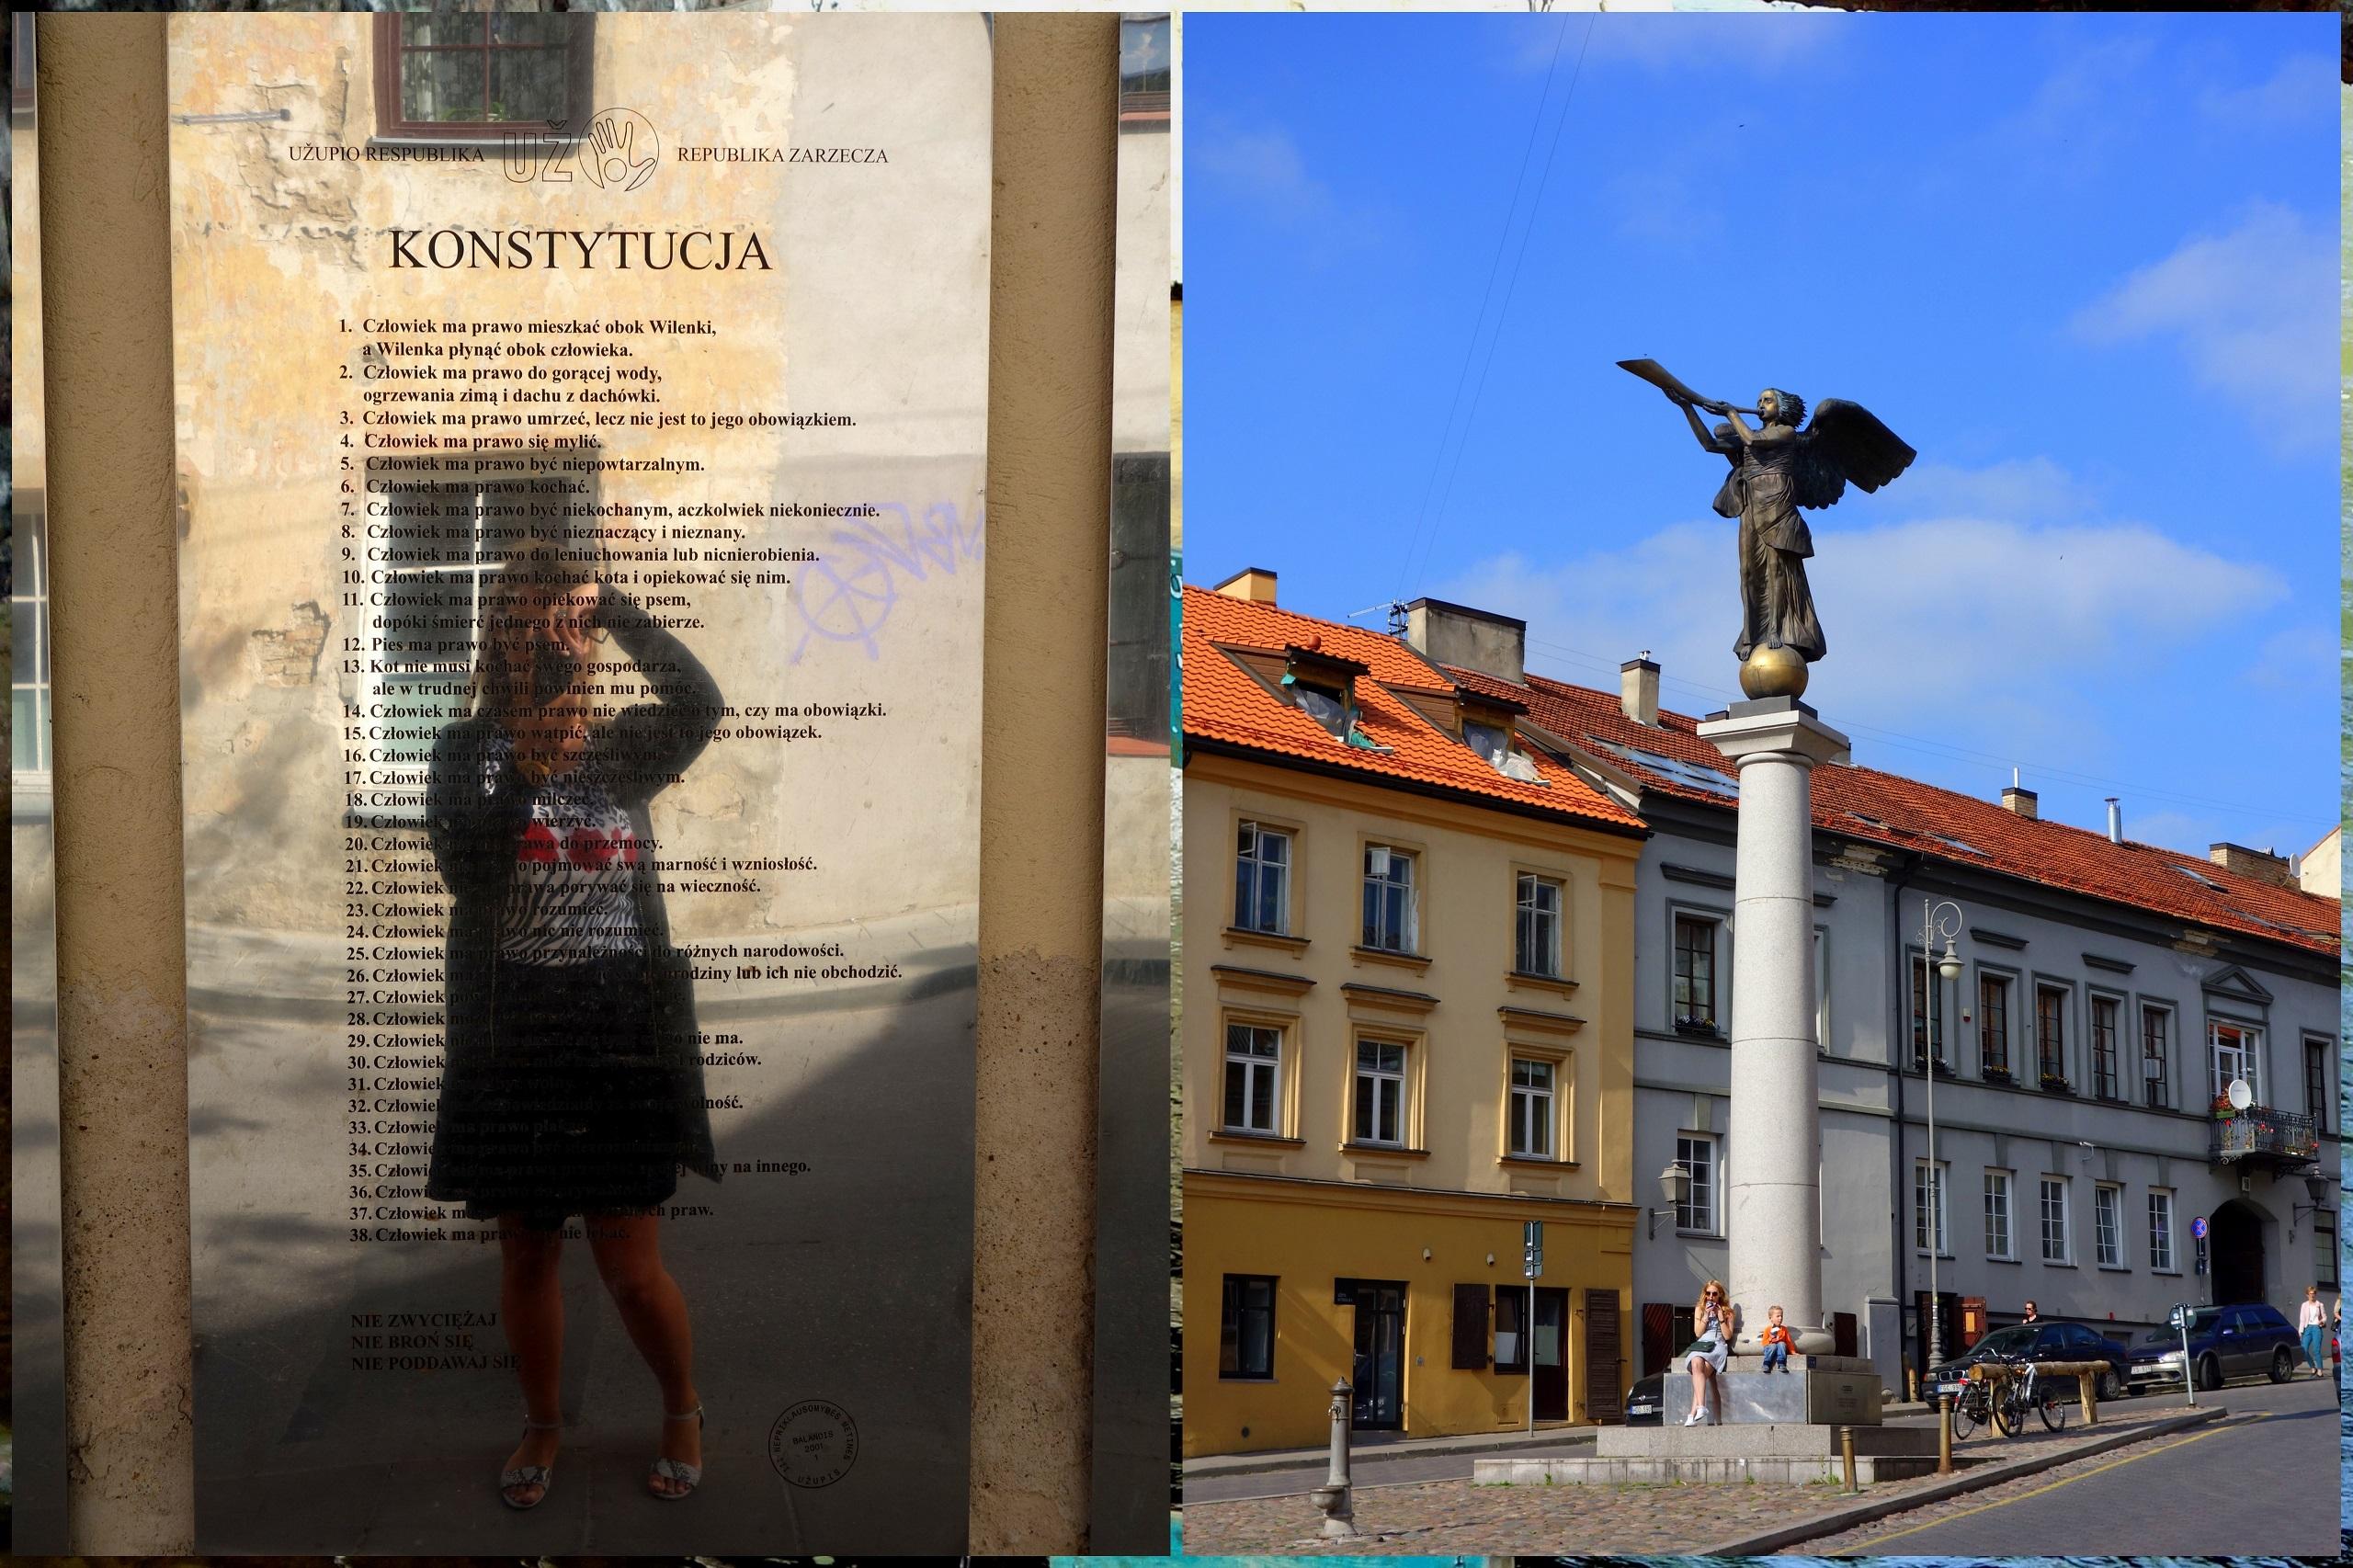 Konstytucja Zarzecza i Anioł Zarzecza - Wilno